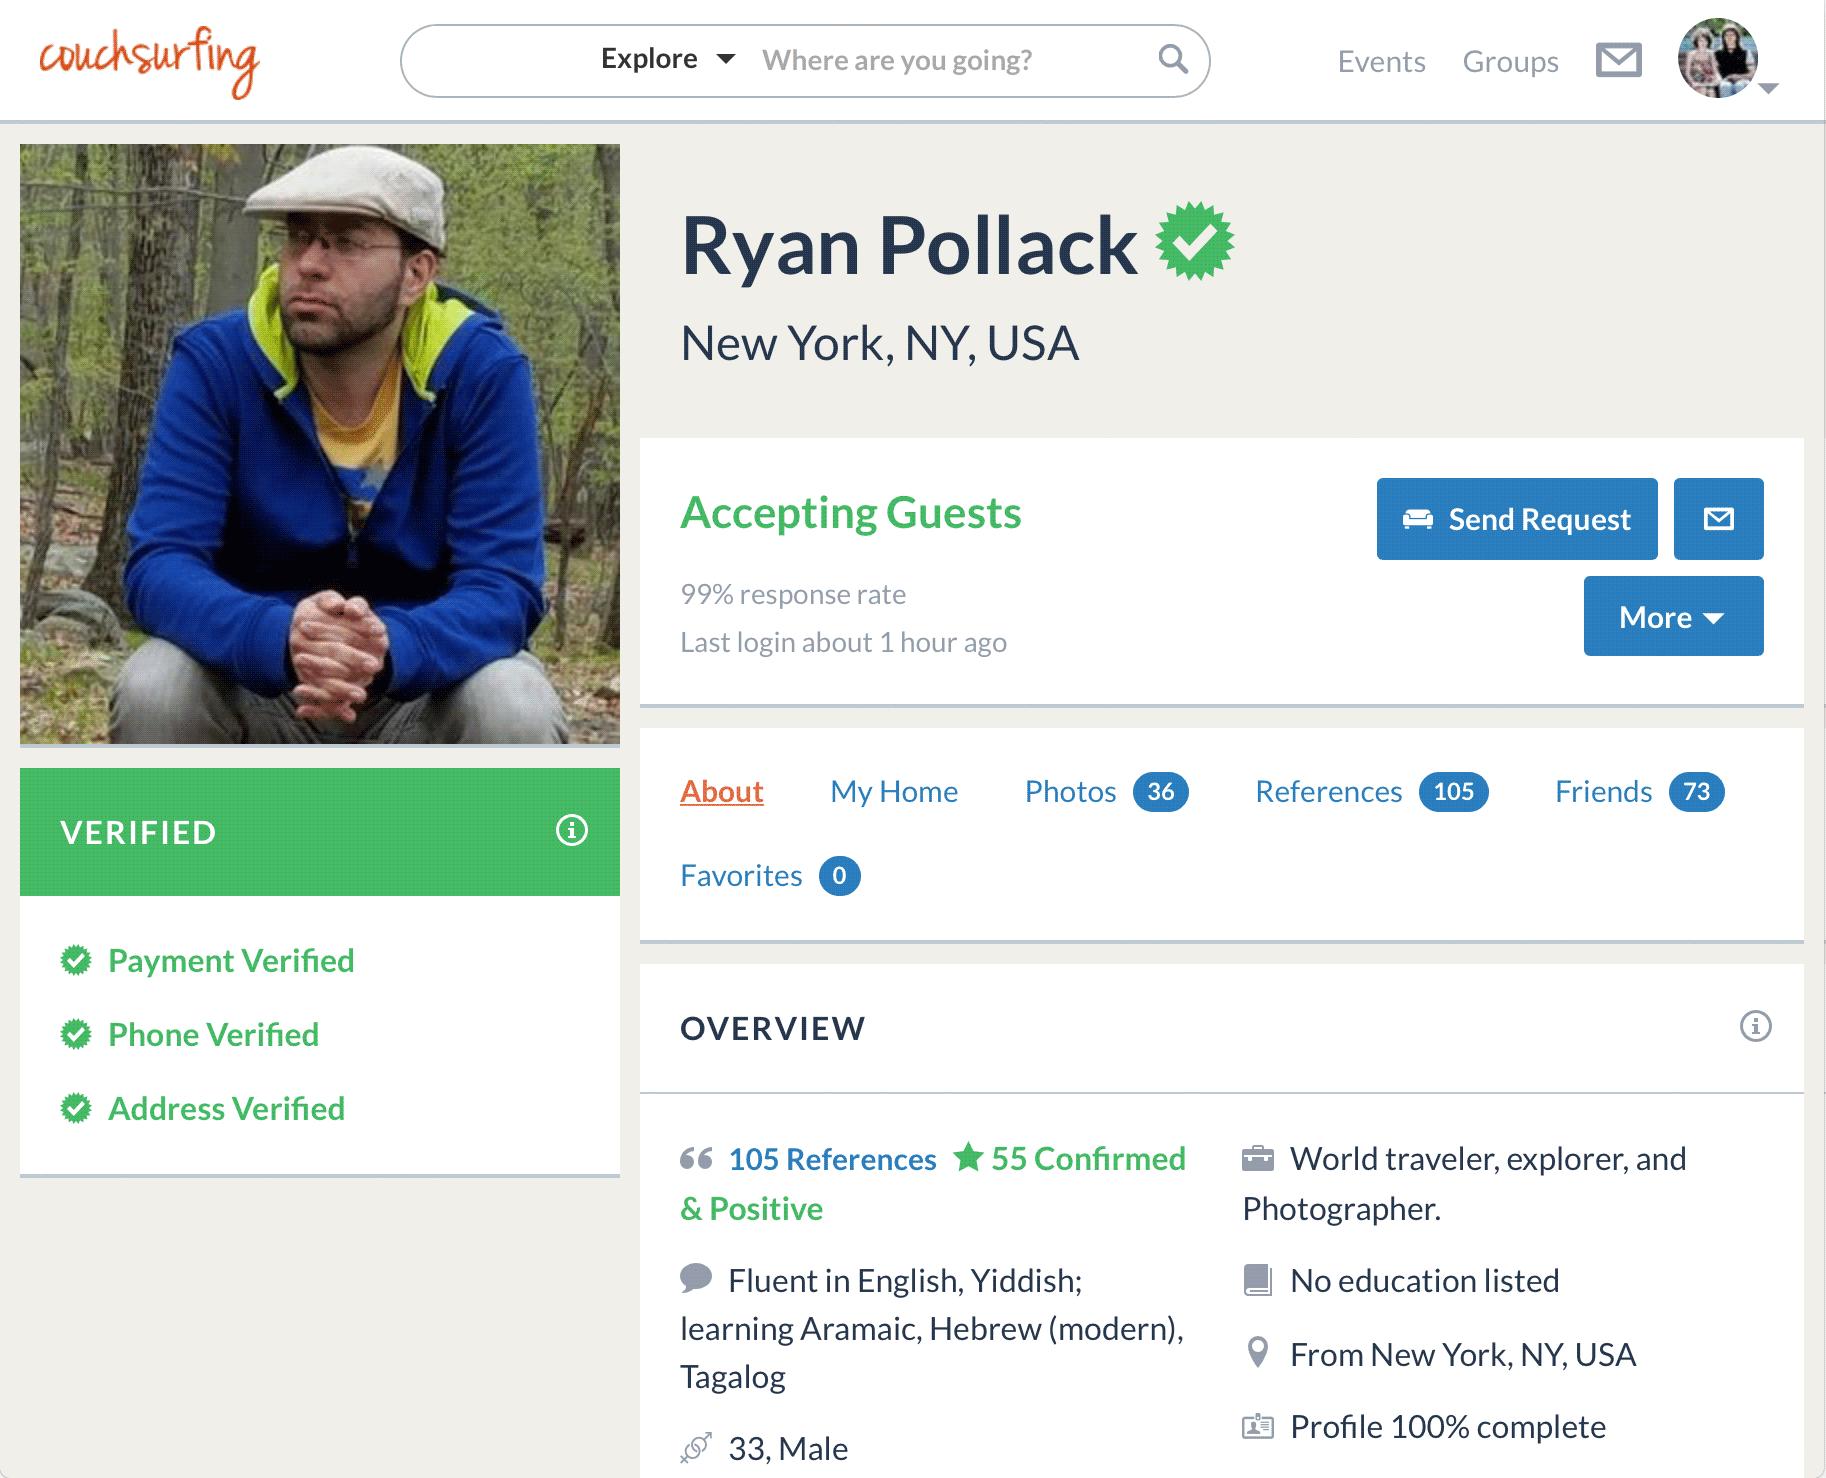 Образцовый профиль Райана Поллака из Нью-Йорка: фотографии, отзывы, подробный рассказ о себе